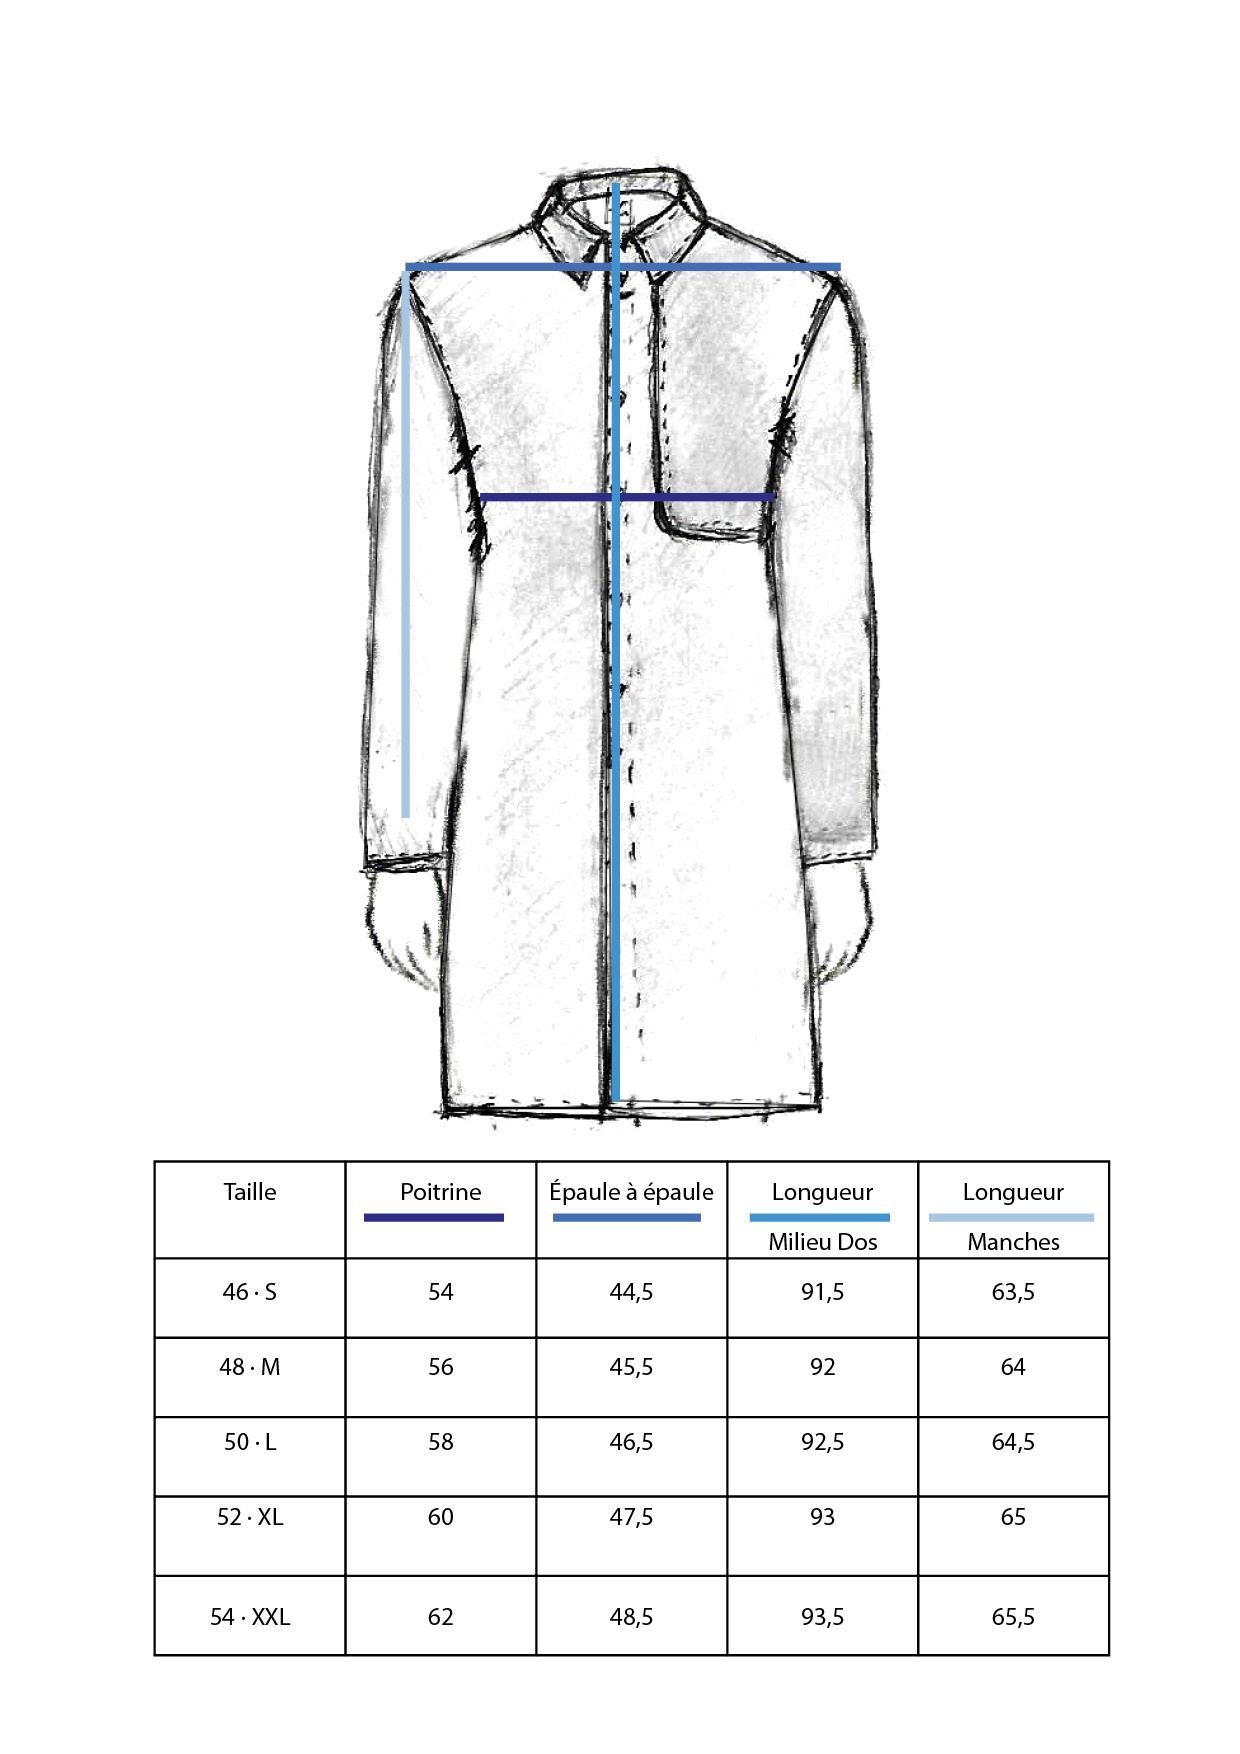 Guide des tailles du manteau made in France, du 46 au 54.